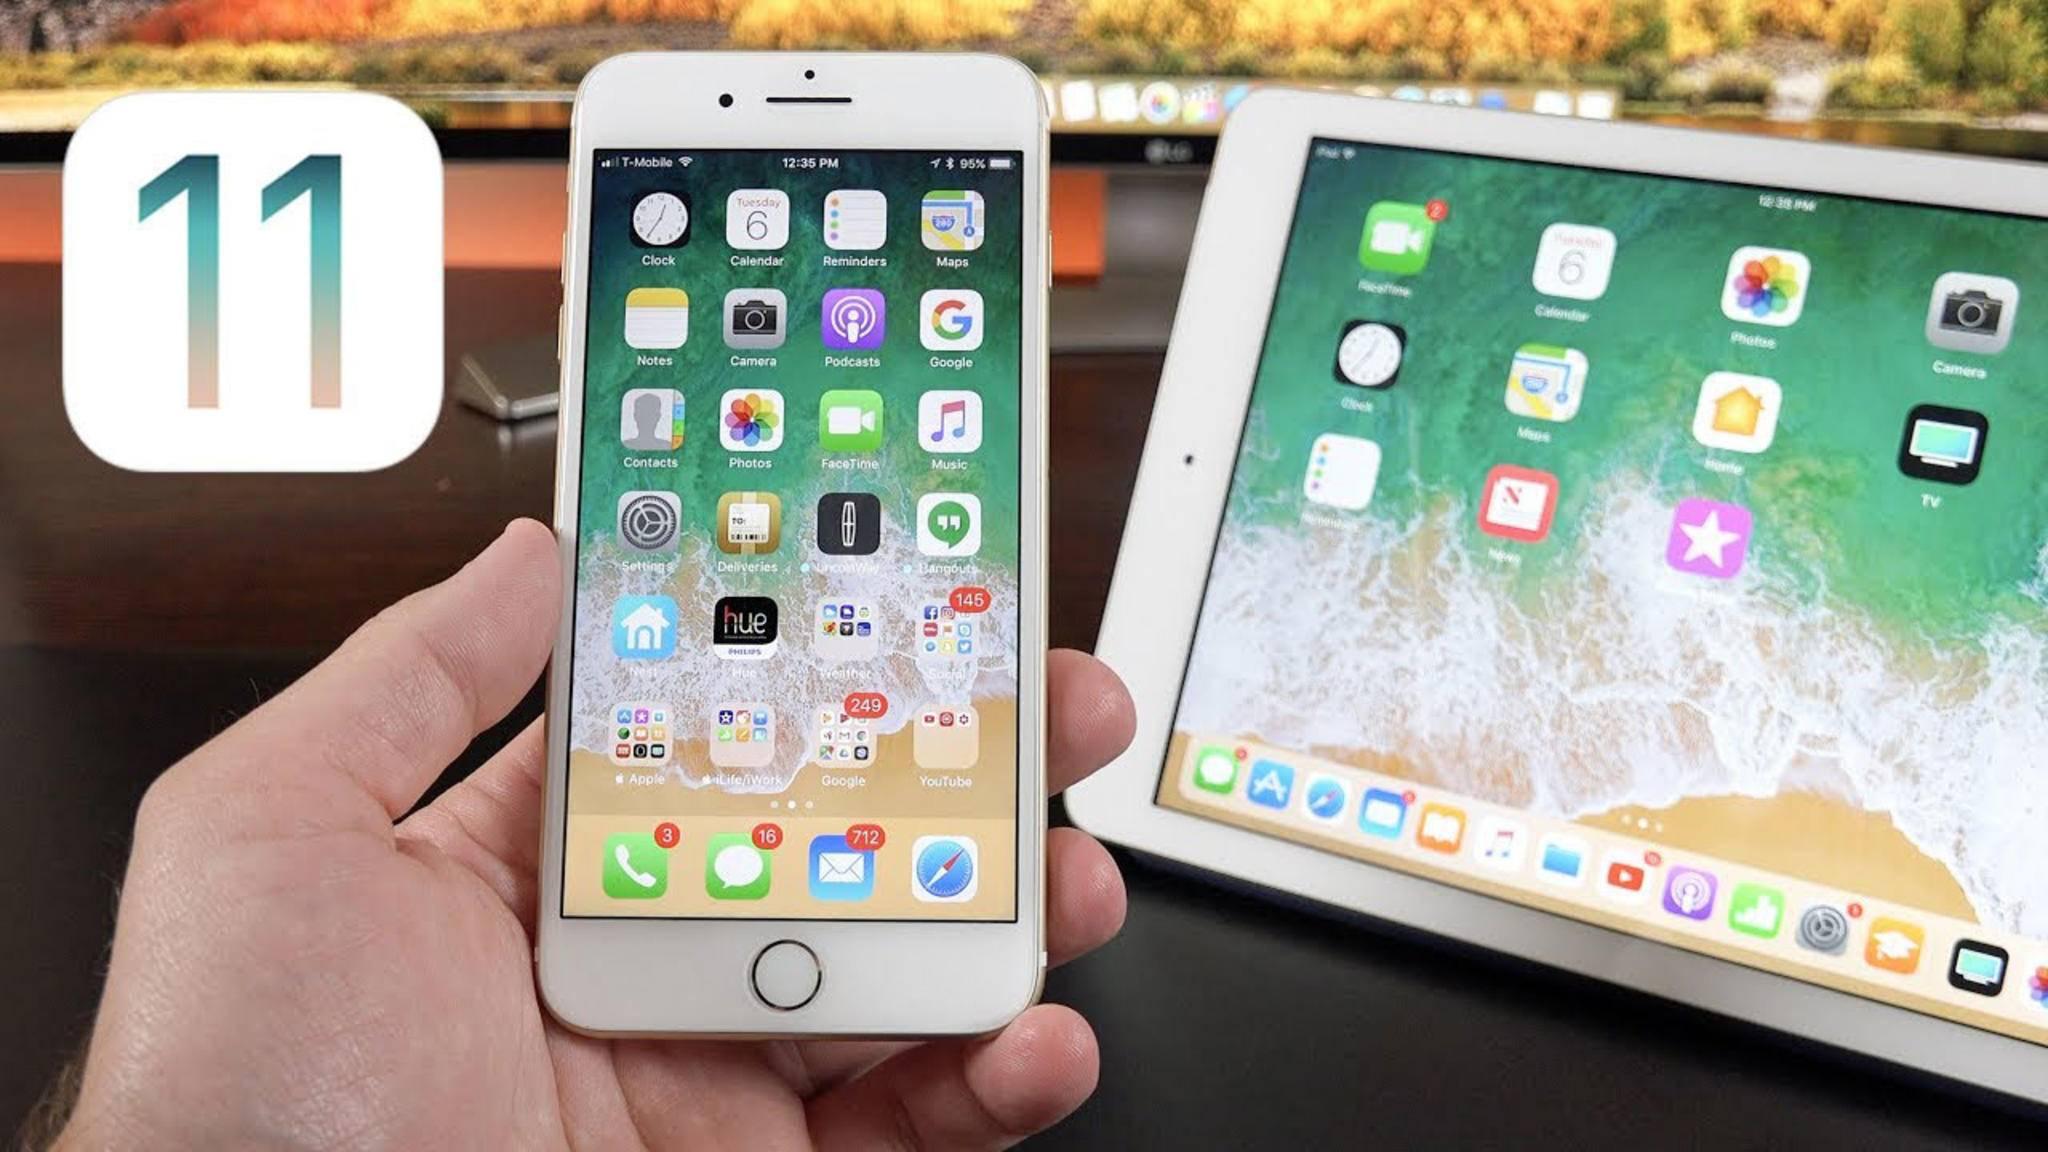 Bevor Du iOS 11 auf Deinem iPhone installierst, solltest Du Dir über einige Probleme im Klaren sein.